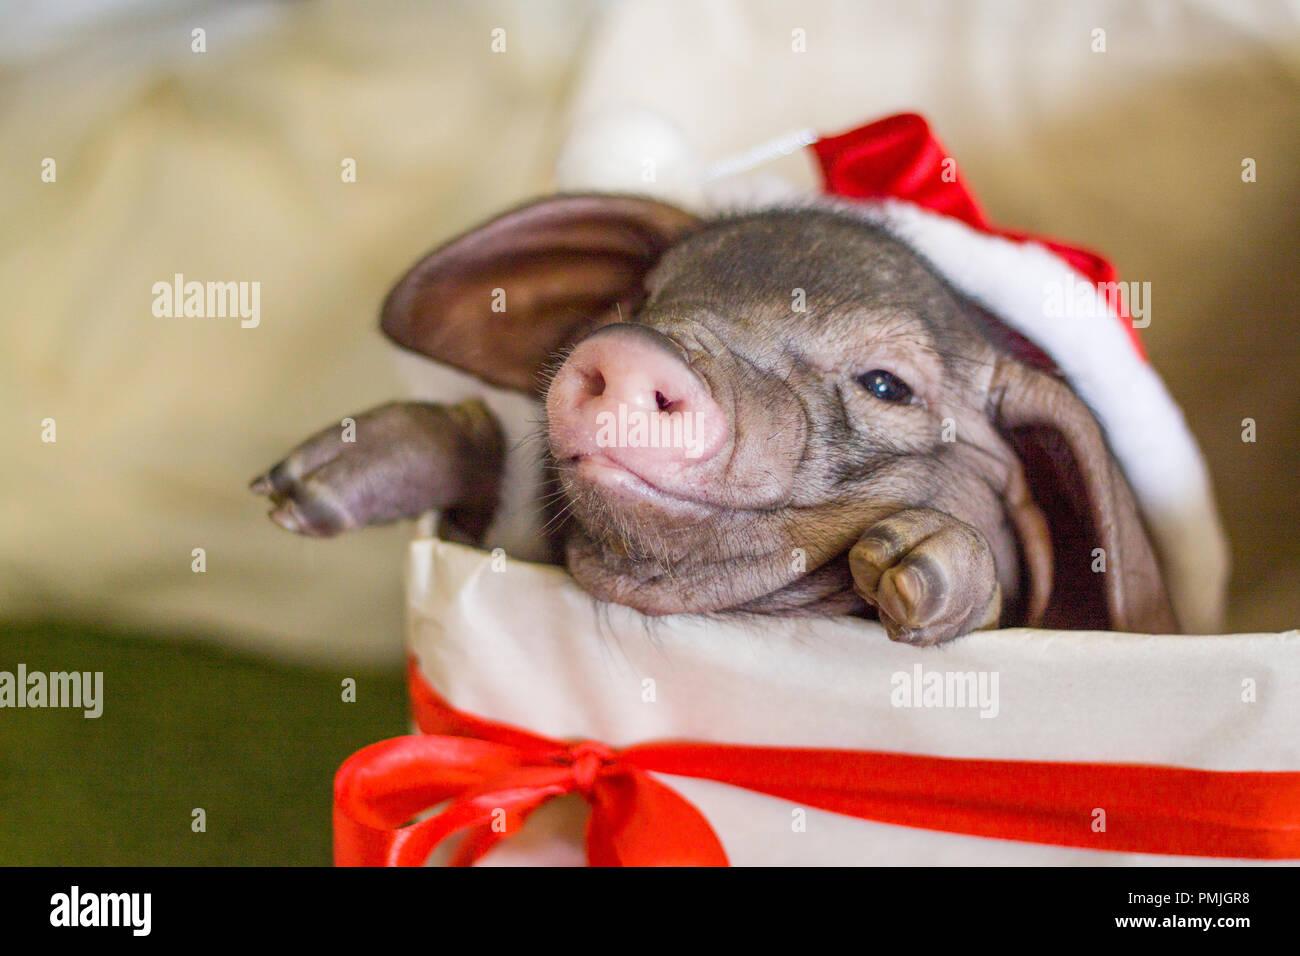 Weihnachten und Neujahr Karte mit niedlichen Neugeborenen santa Schwein in Geschenk Box vorhanden. Dekorationen Symbol des Jahres chinesischen Kalender. Tanne für den Hintergrund. Holid Stockbild